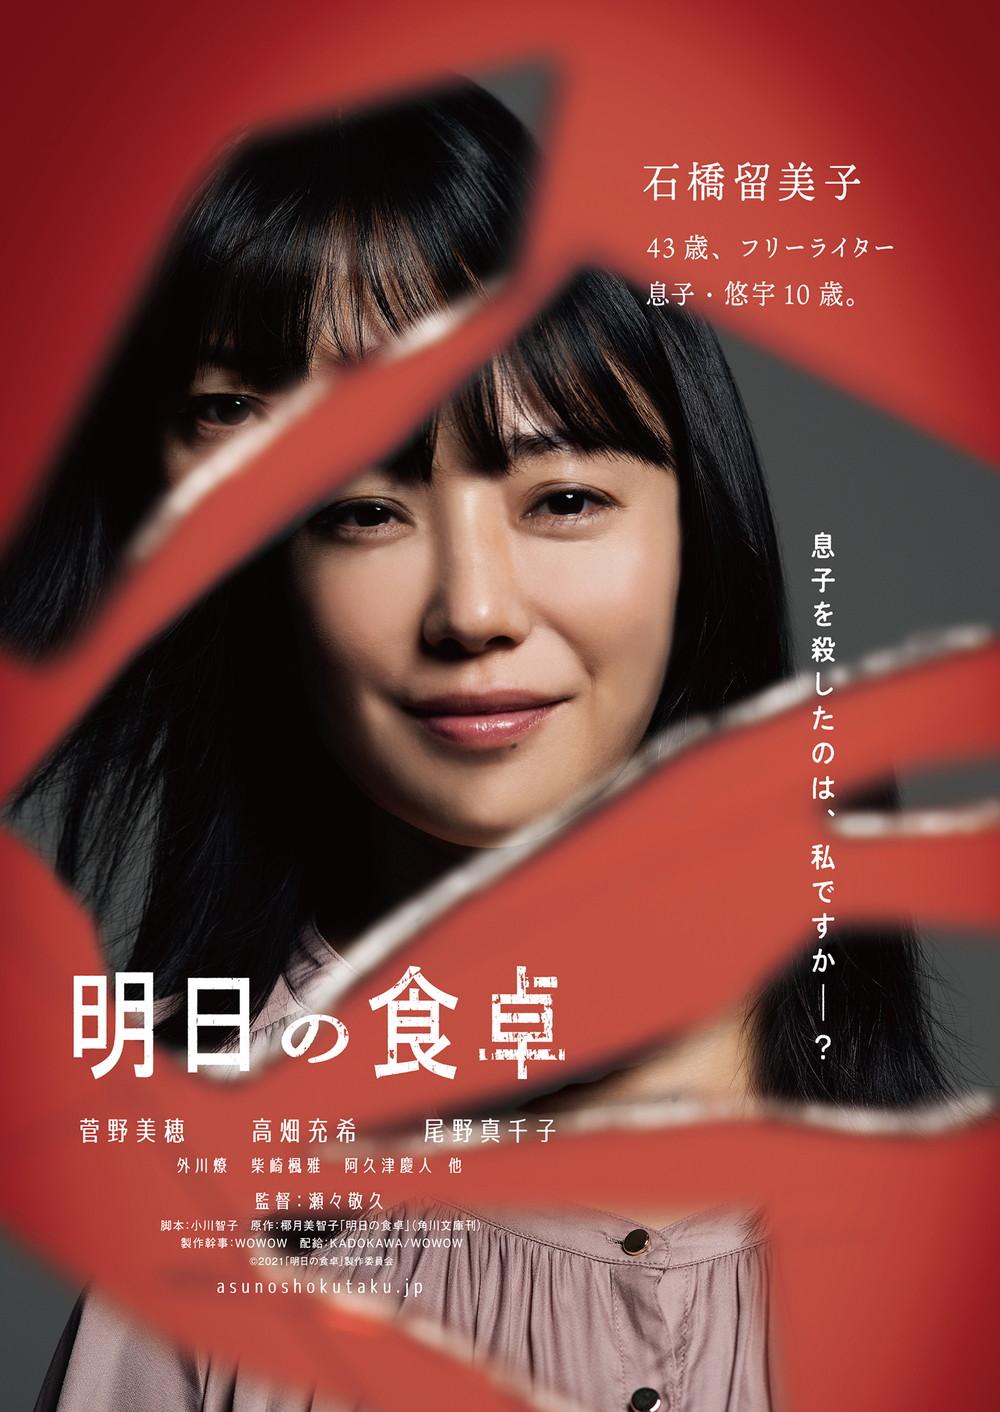 映画「明日の食卓」 菅野美穂